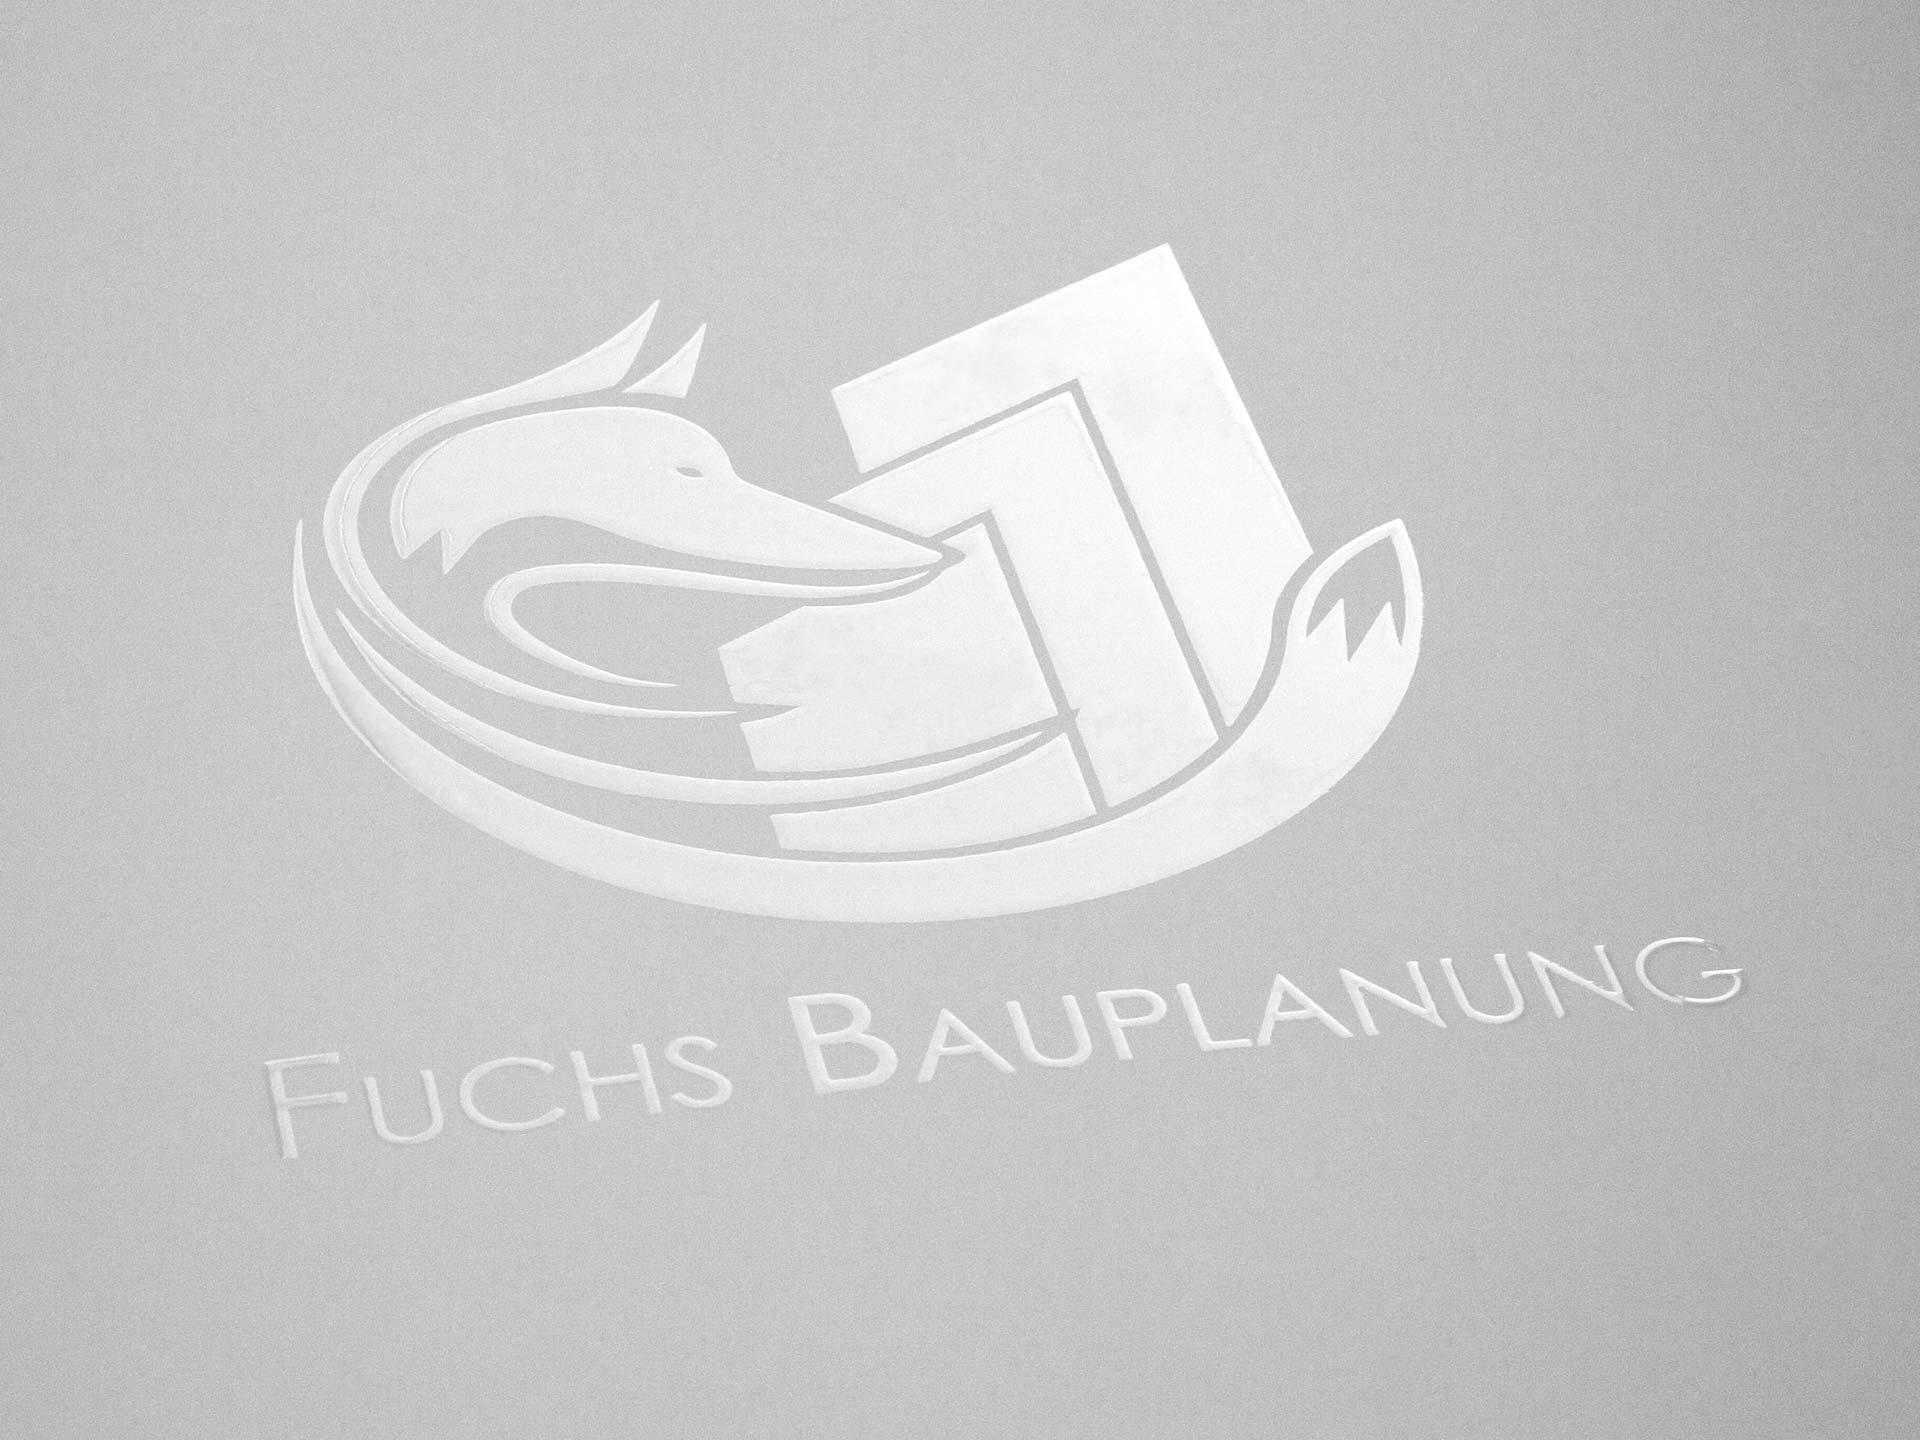 Das Logo im 3D-Lack auf weißem Papier